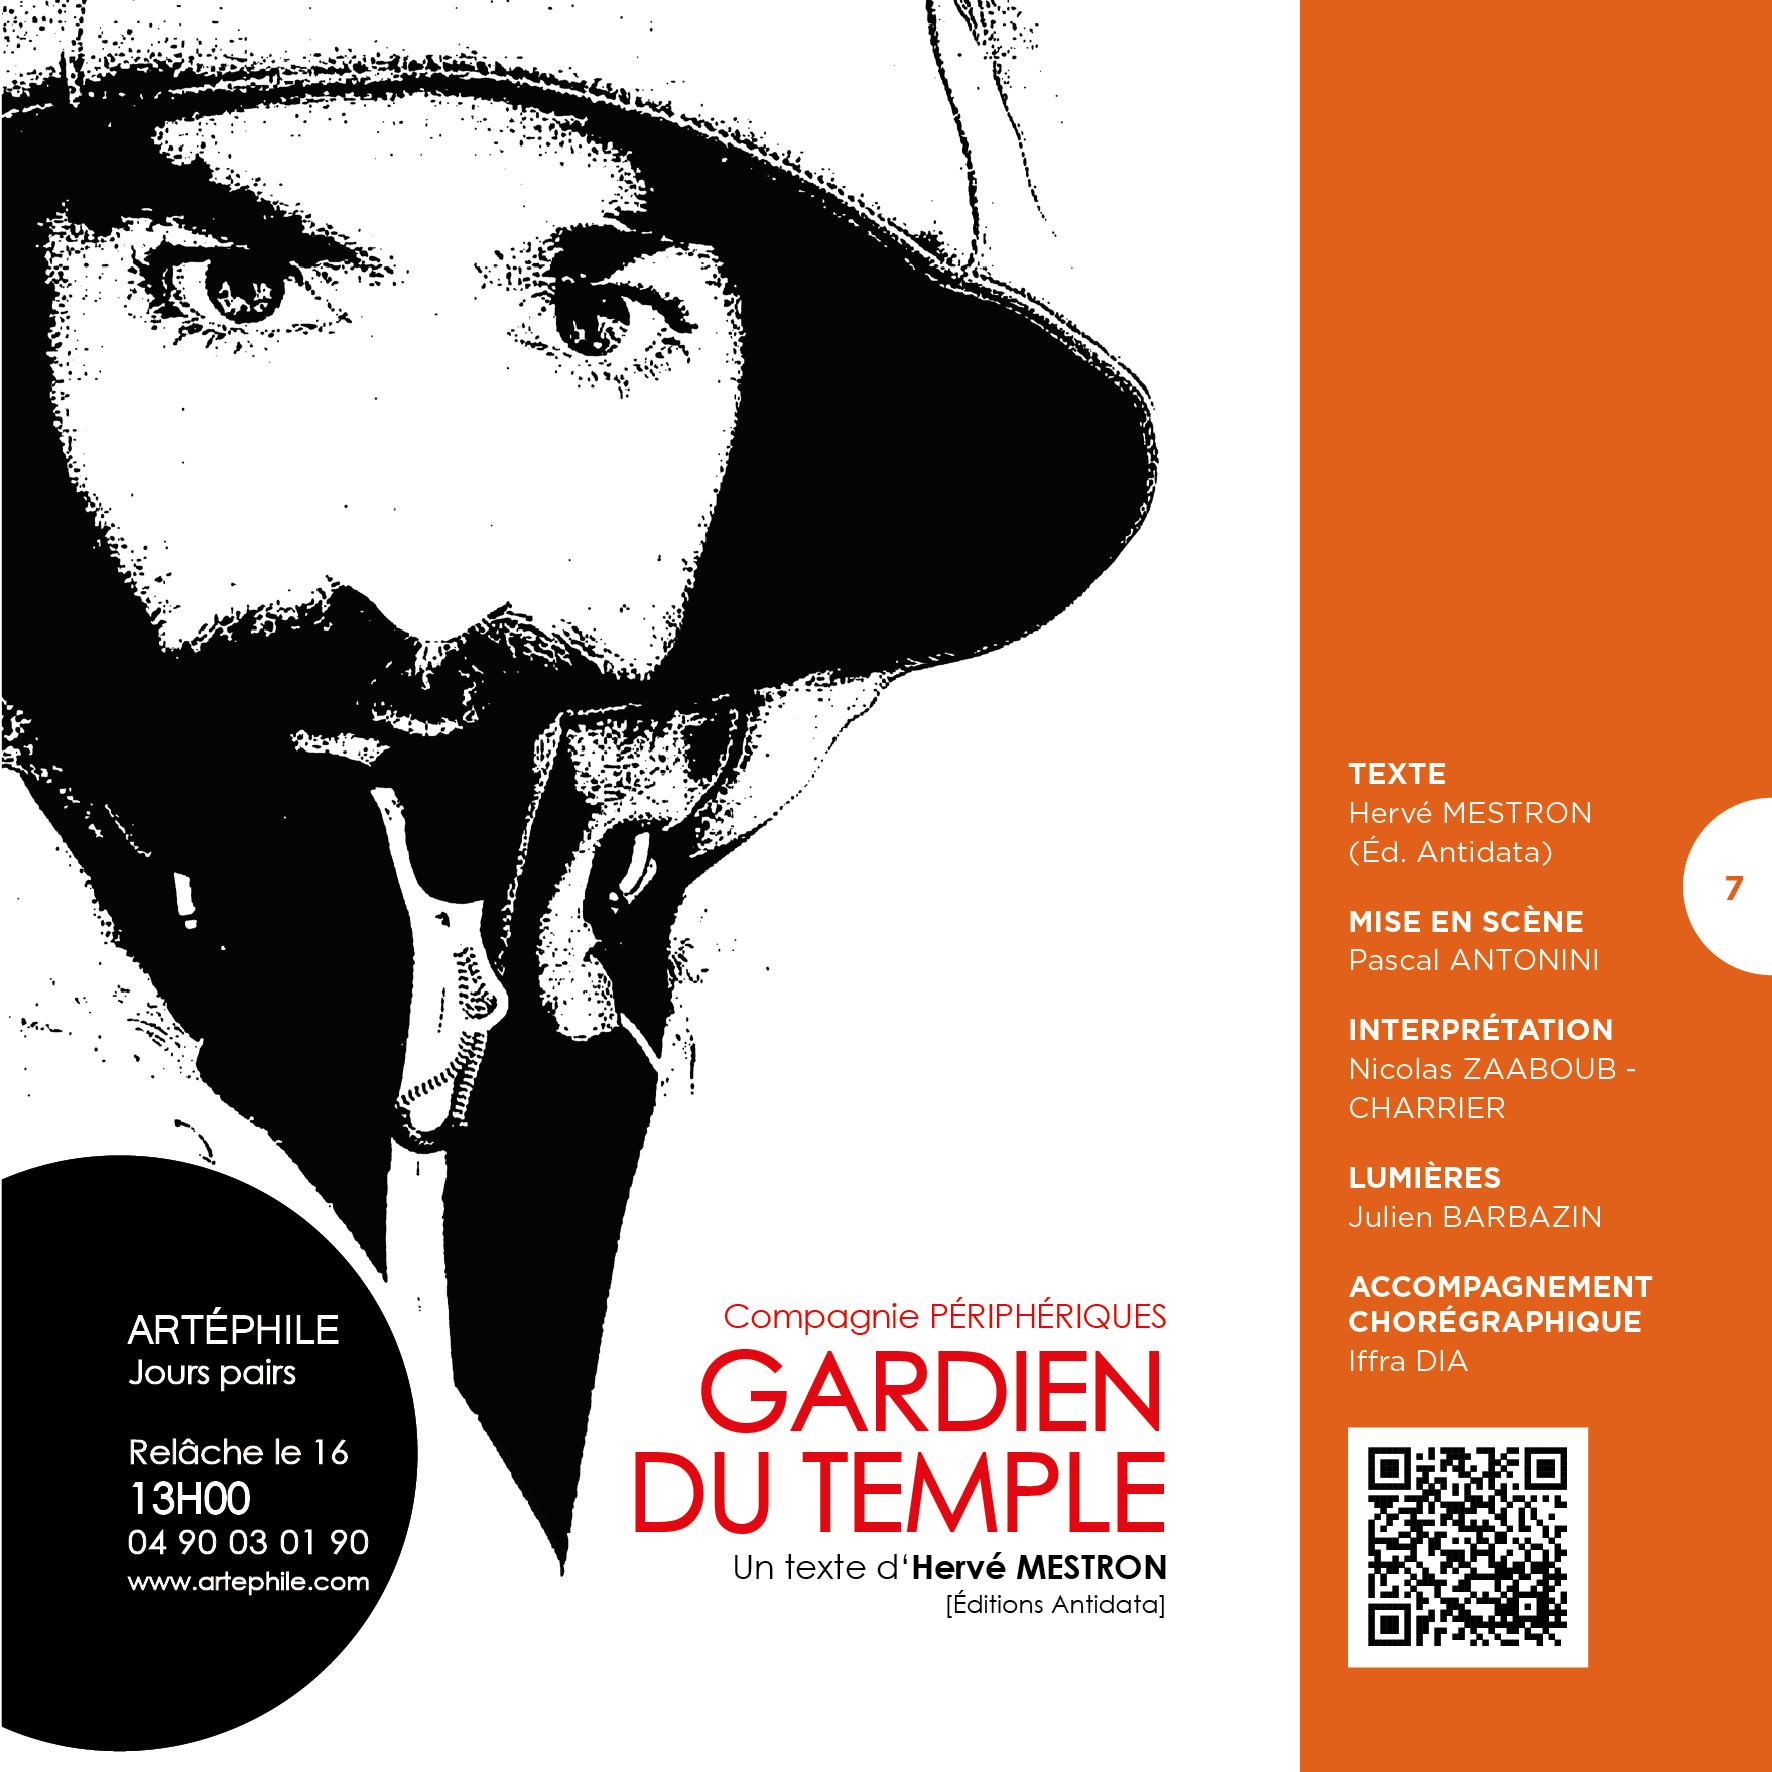 GARDIEN DU TEMPLE Hervé Mestron diptyque 2/2           Avignon 21 //  Diffusion